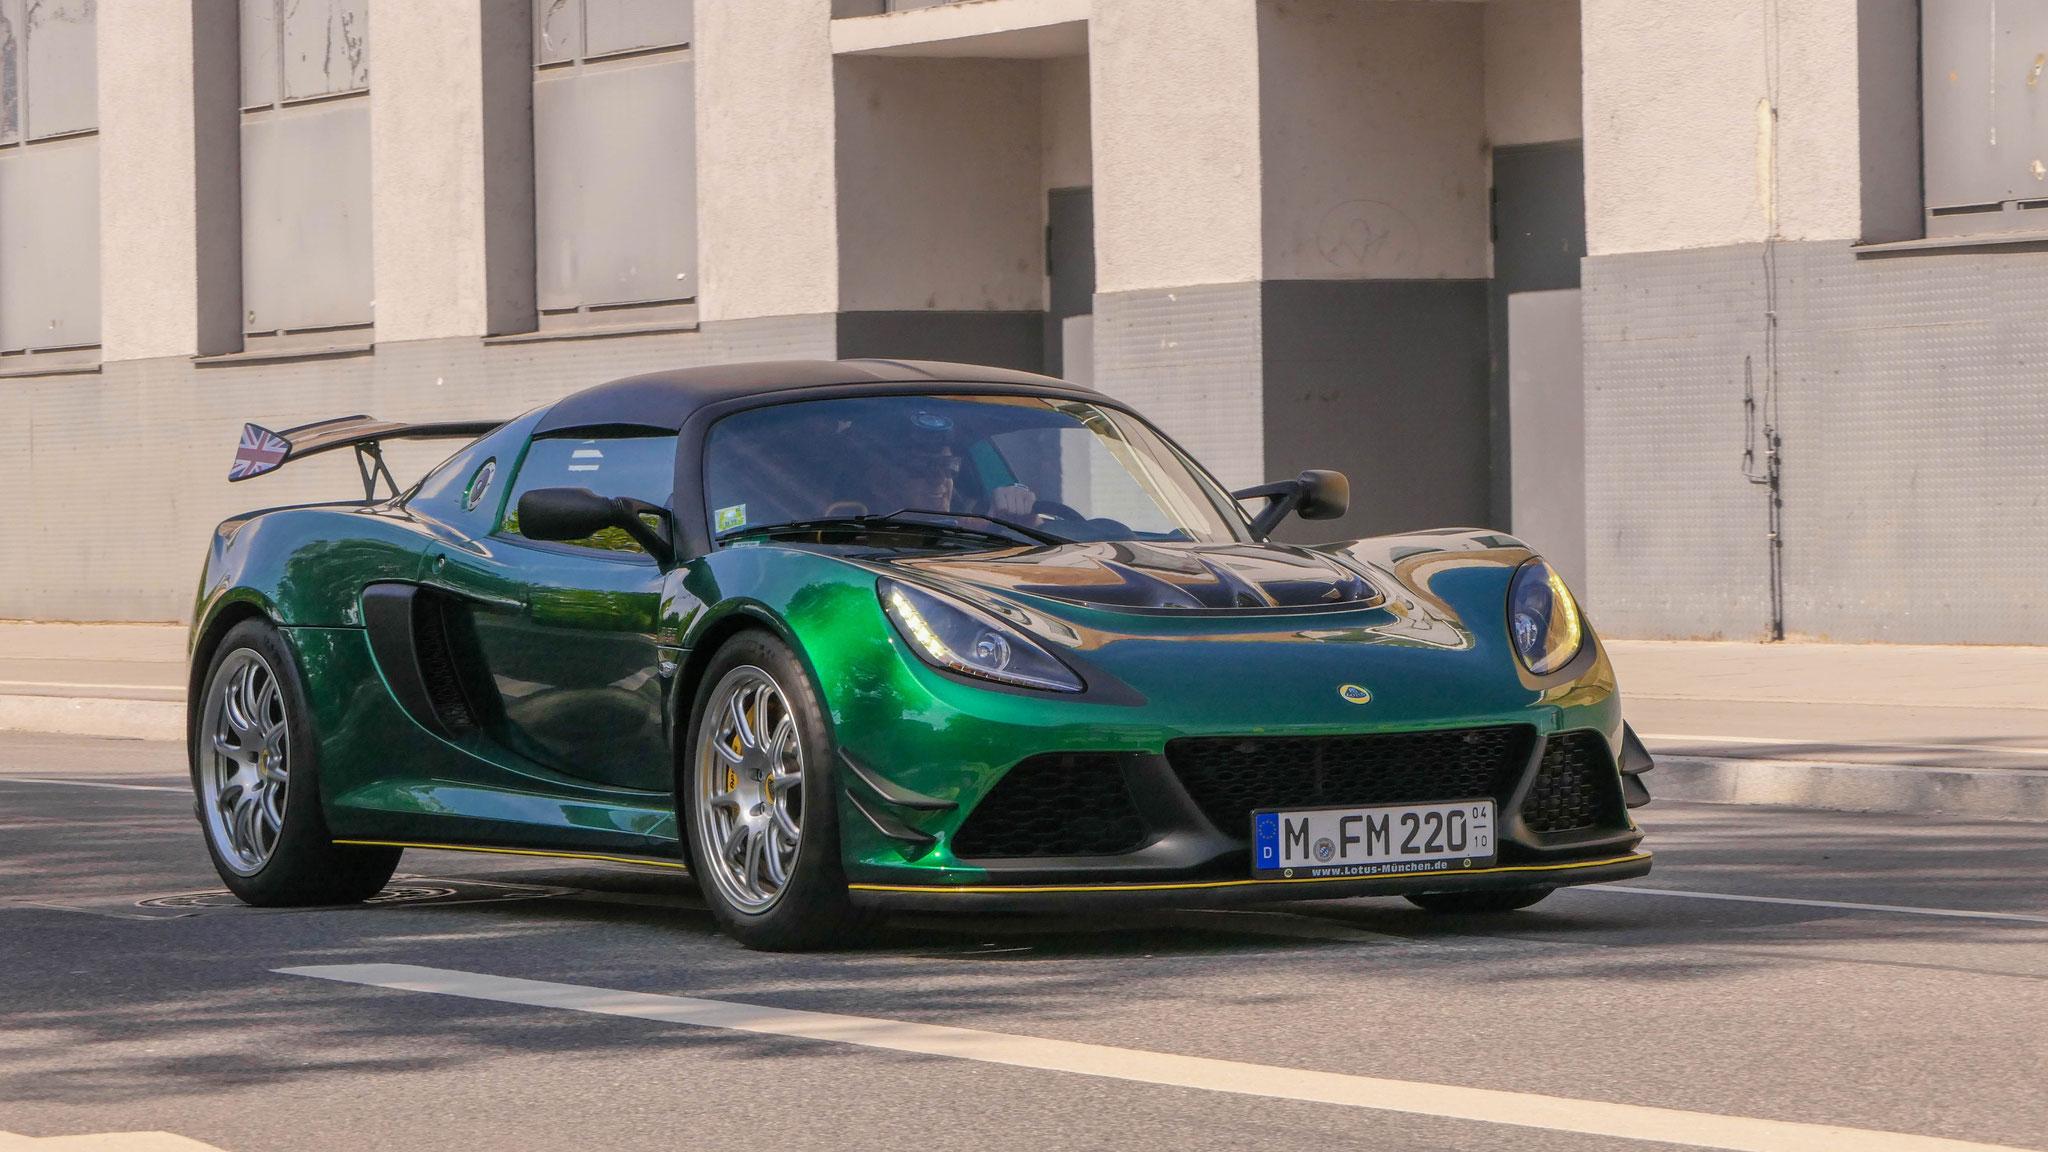 Lotus Exige 380 Sport - M-FM-220